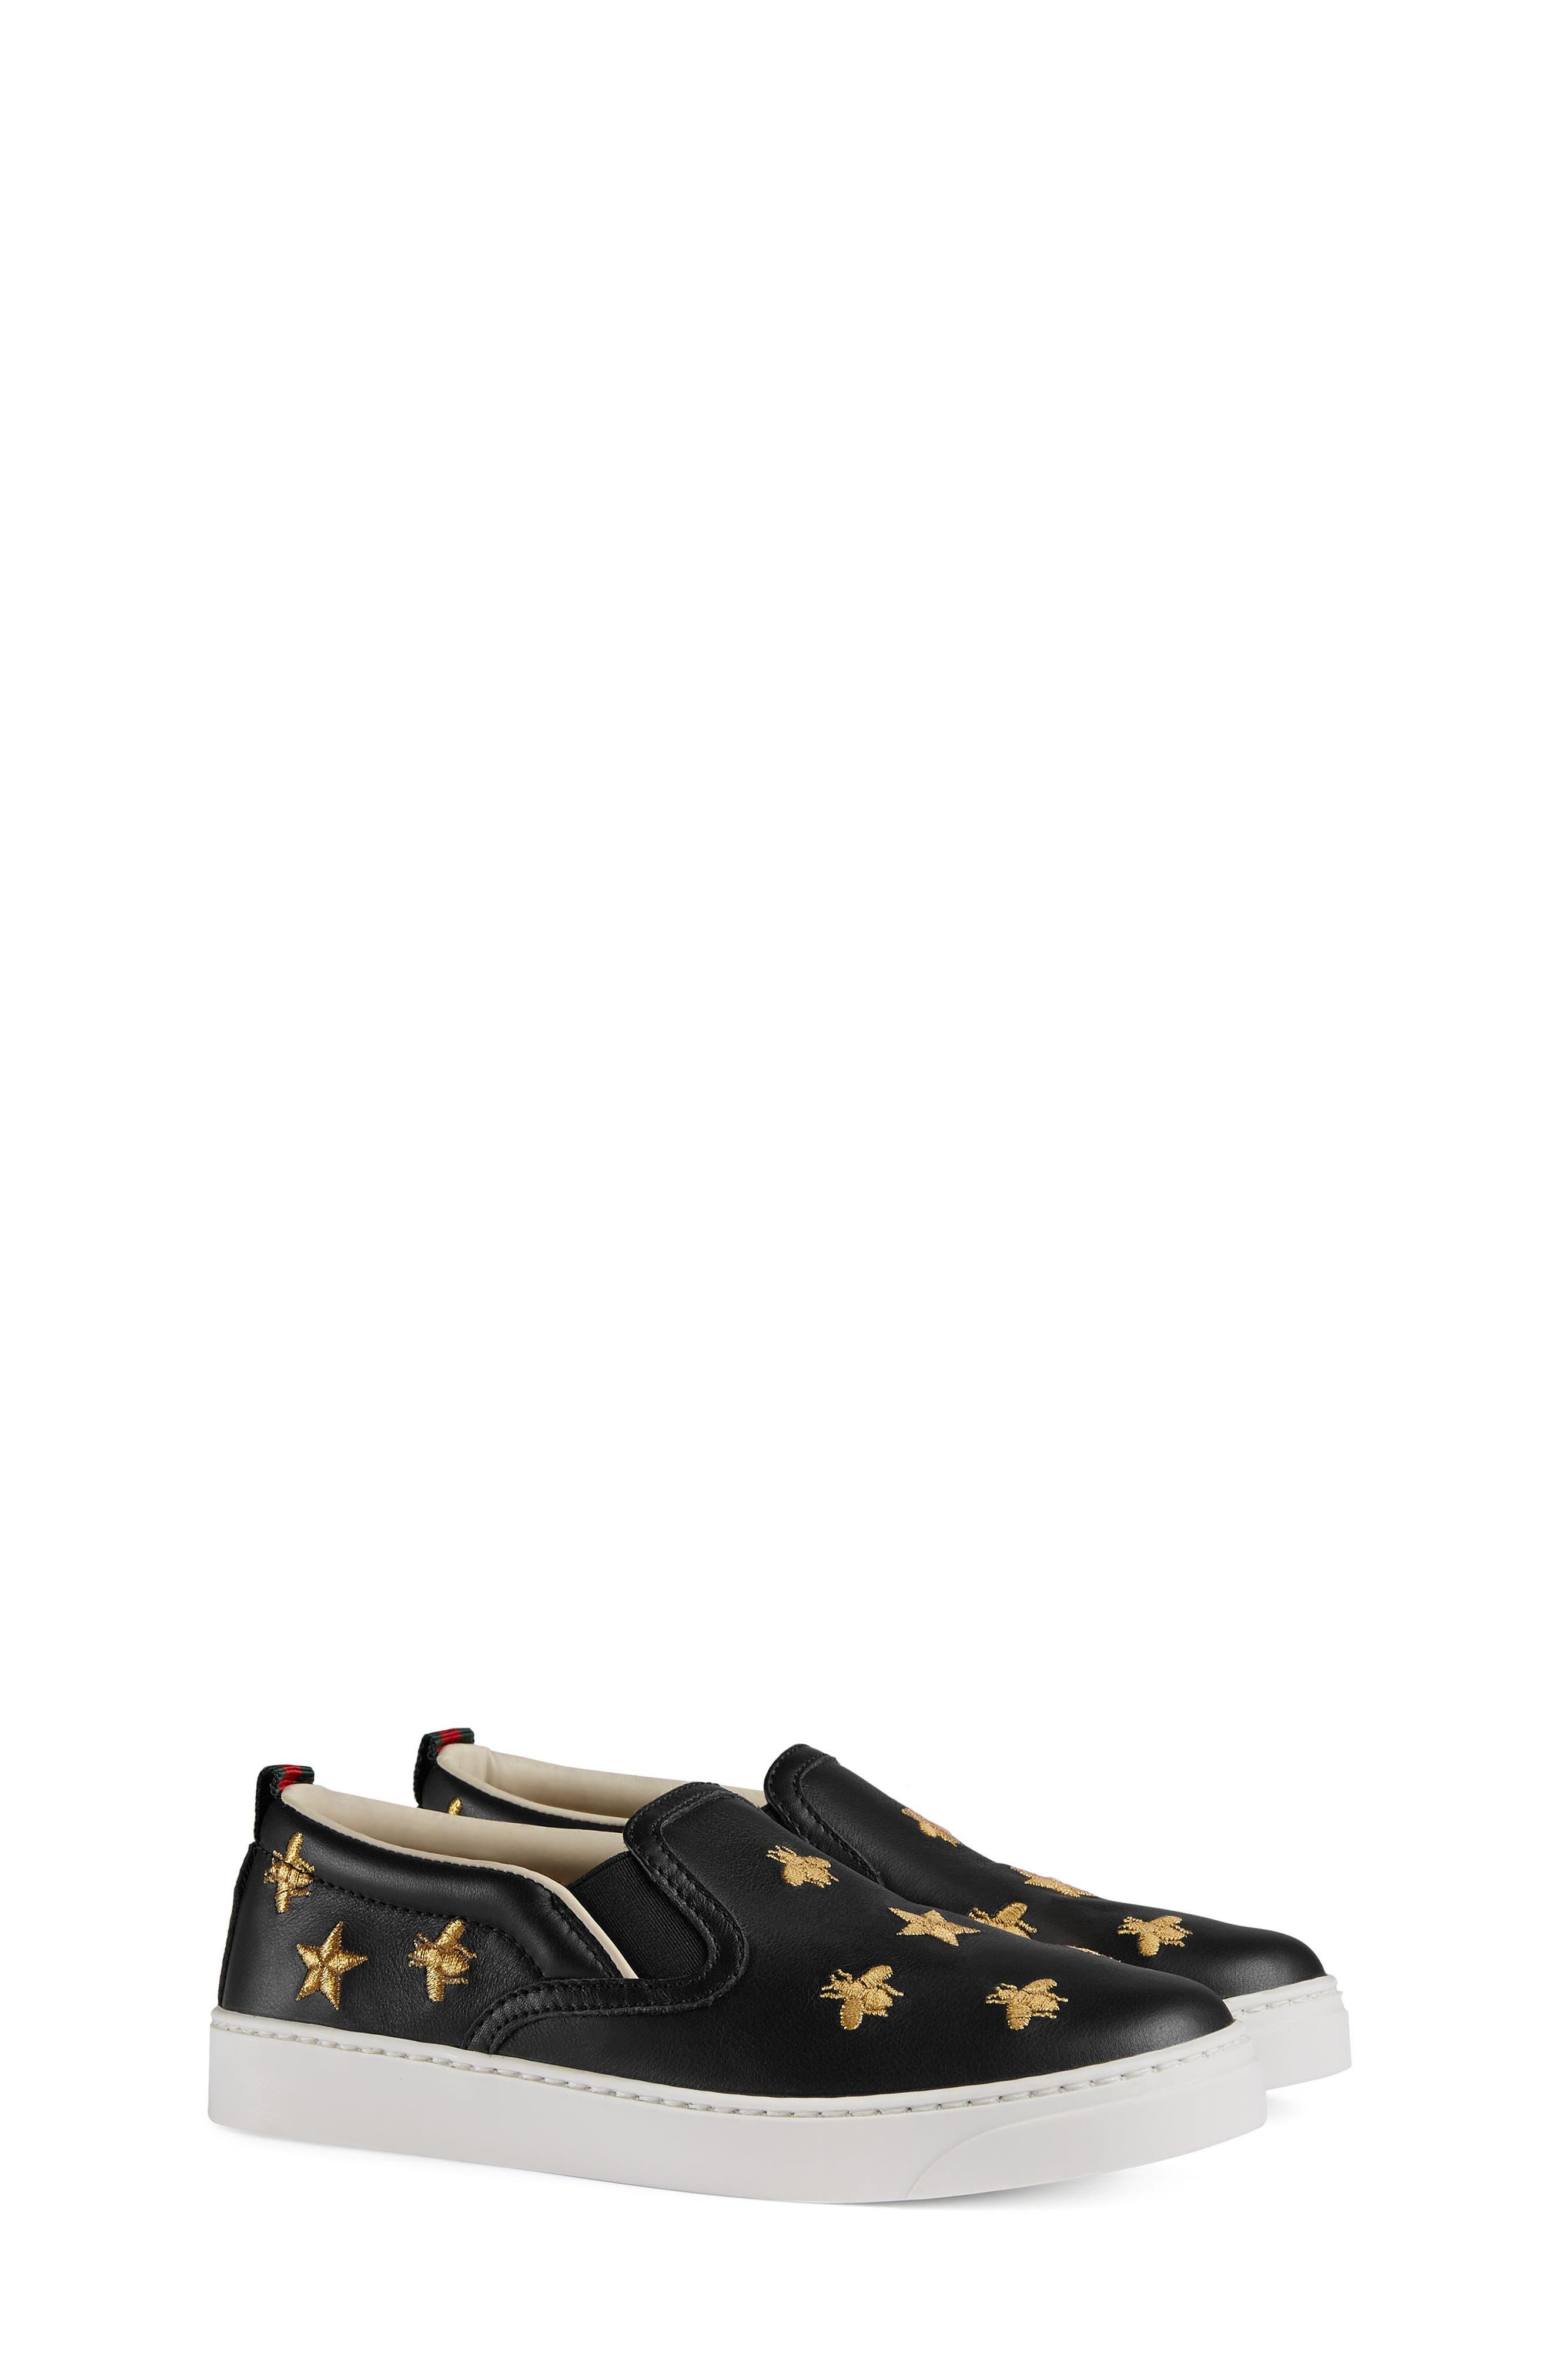 Dublin Bees and Stars Slip-On Sneaker,                         Main,                         color, Black/Gold Stars